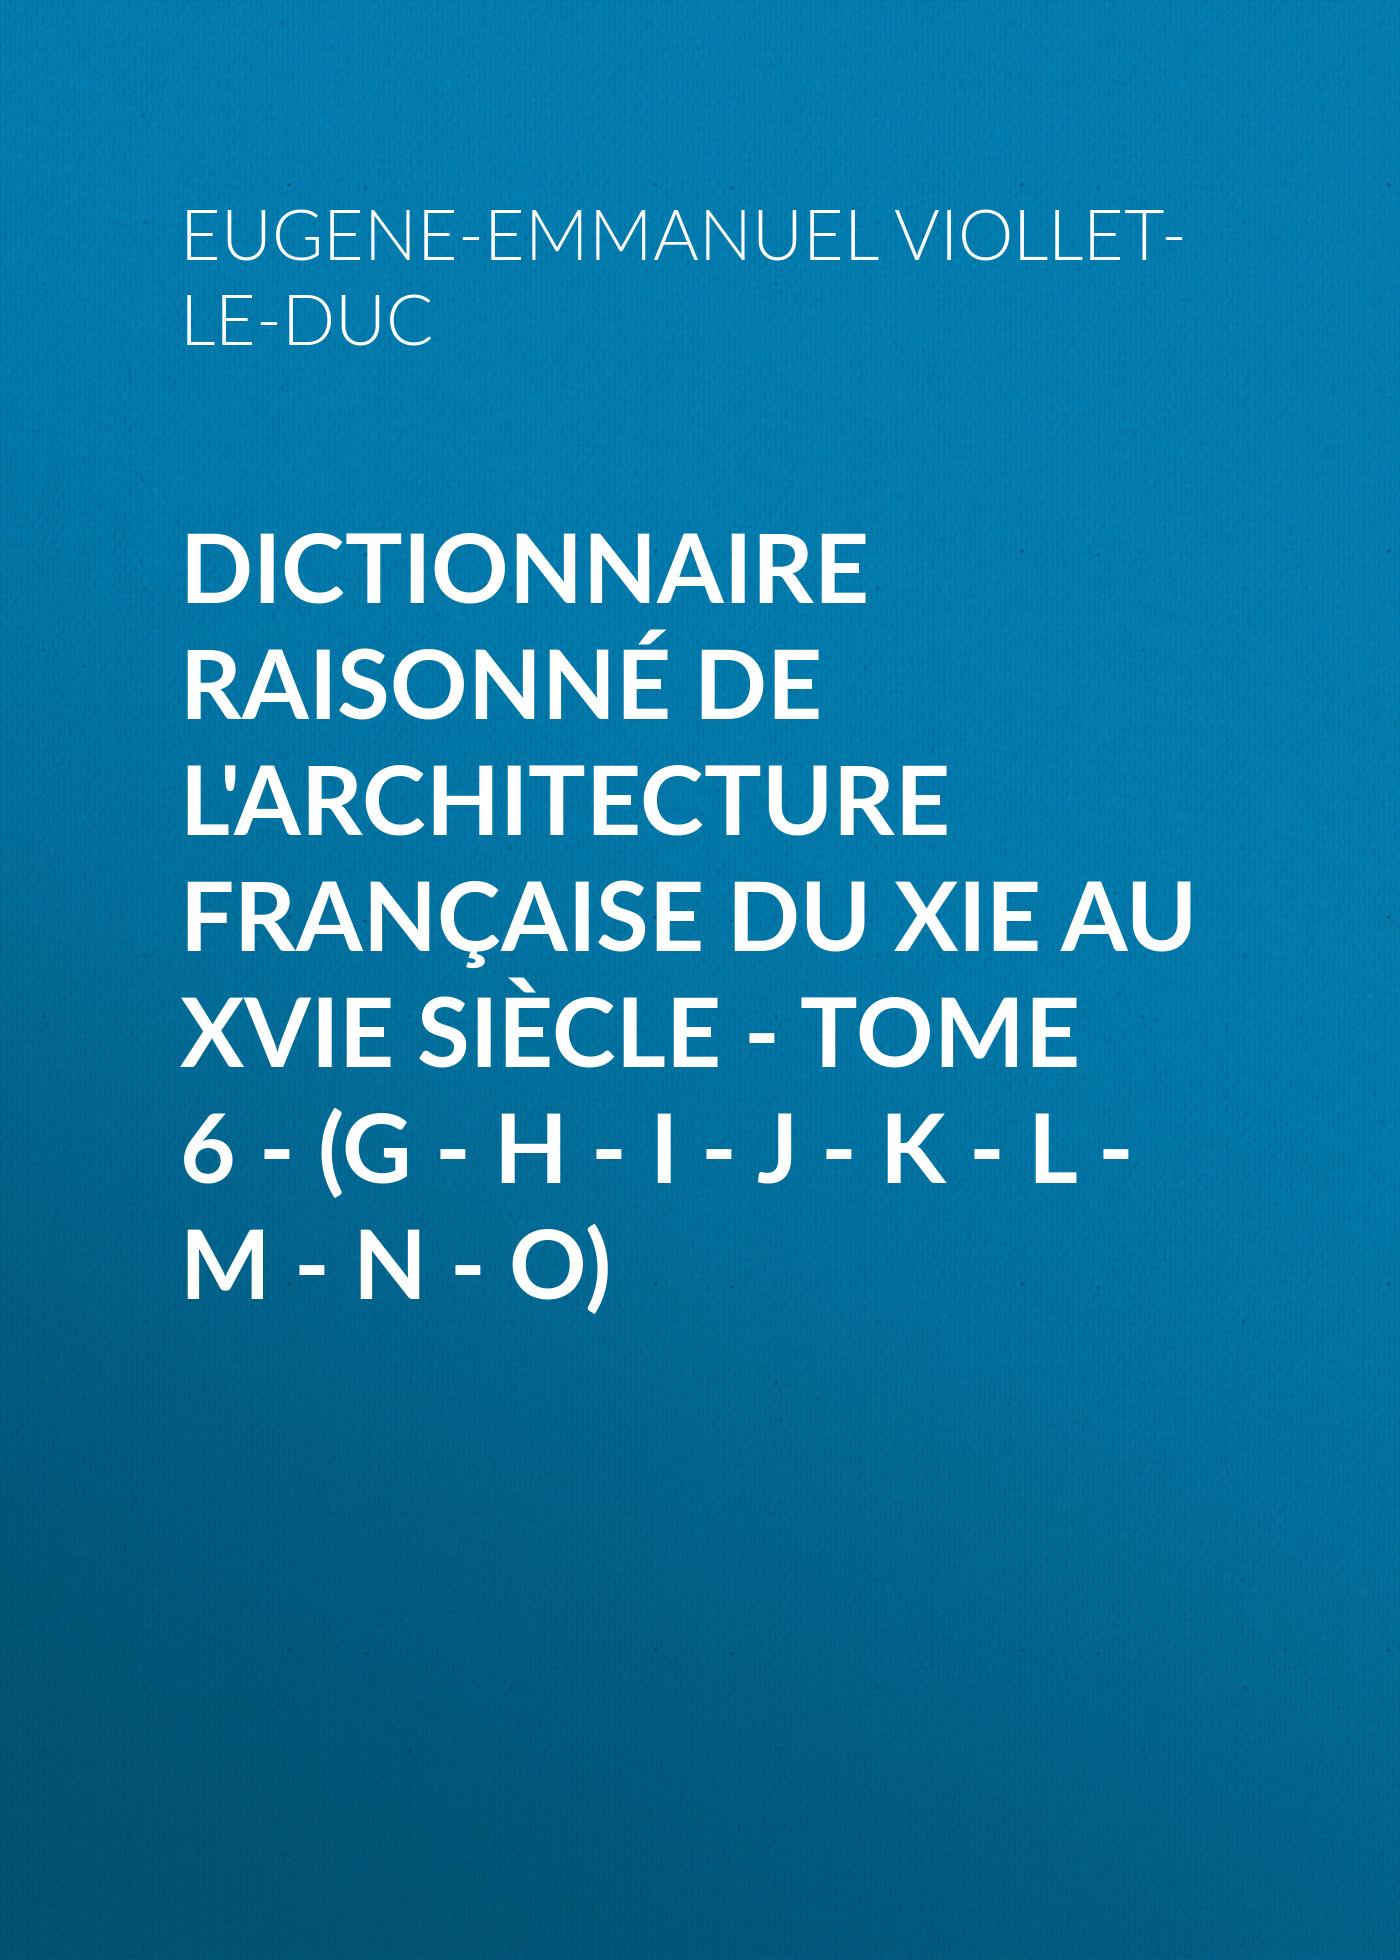 Eugene-Emmanuel Viollet-le-Duc Dictionnaire raisonné de l'architecture française du XIe au XVIe siècle - Tome 6 - (G - H - I - J - K - L - M - N - O) eugène emmanuel viollet le duc la cite de carcassonne aude french edition